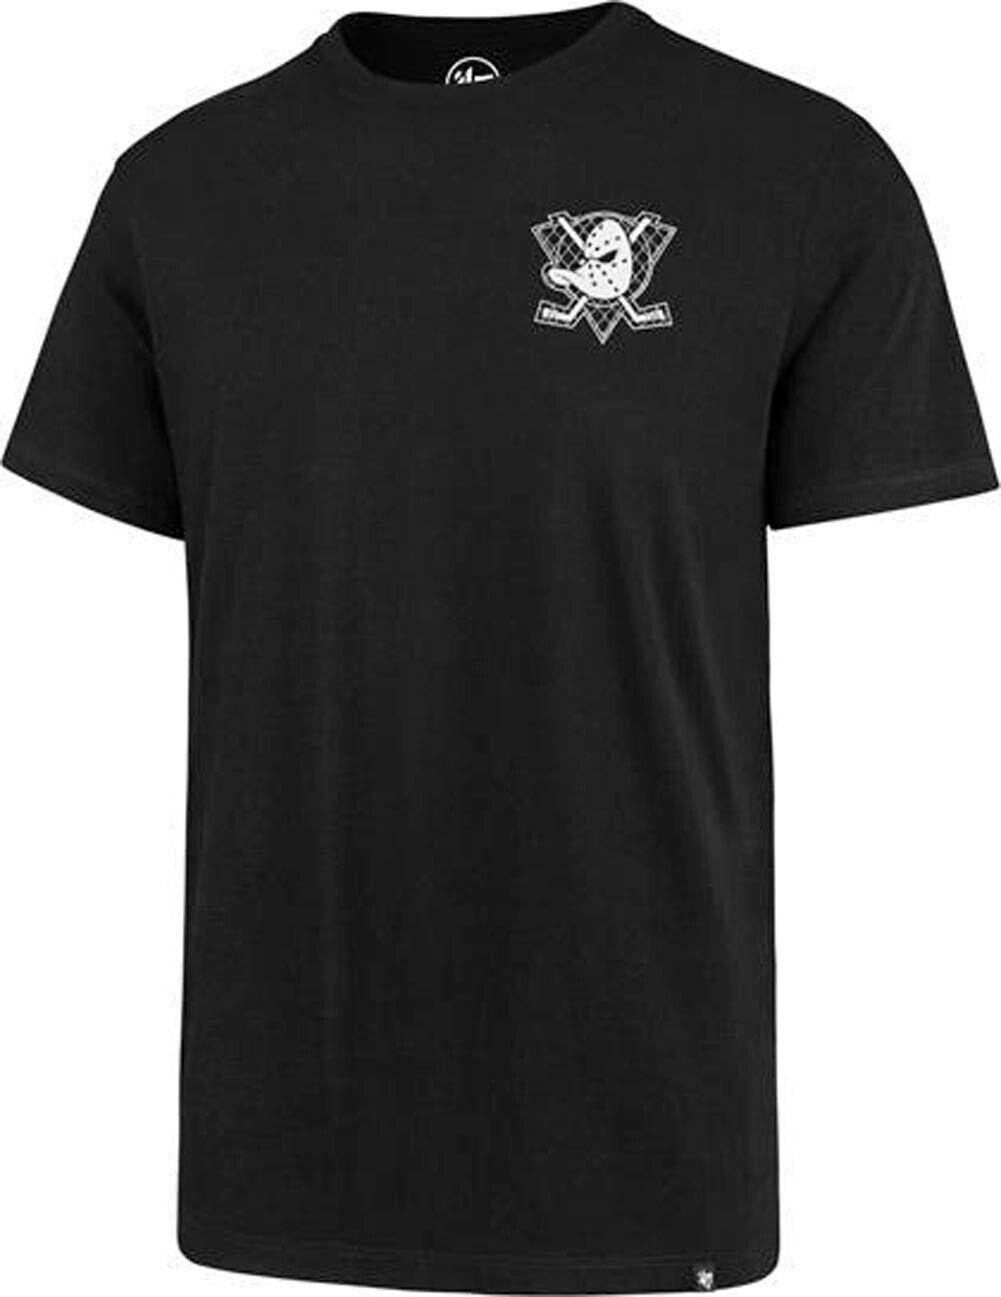 47 Brand Anaheim Ducks NHL The Backer Splitter Tee Jet Black Slim T-Shirt Mens